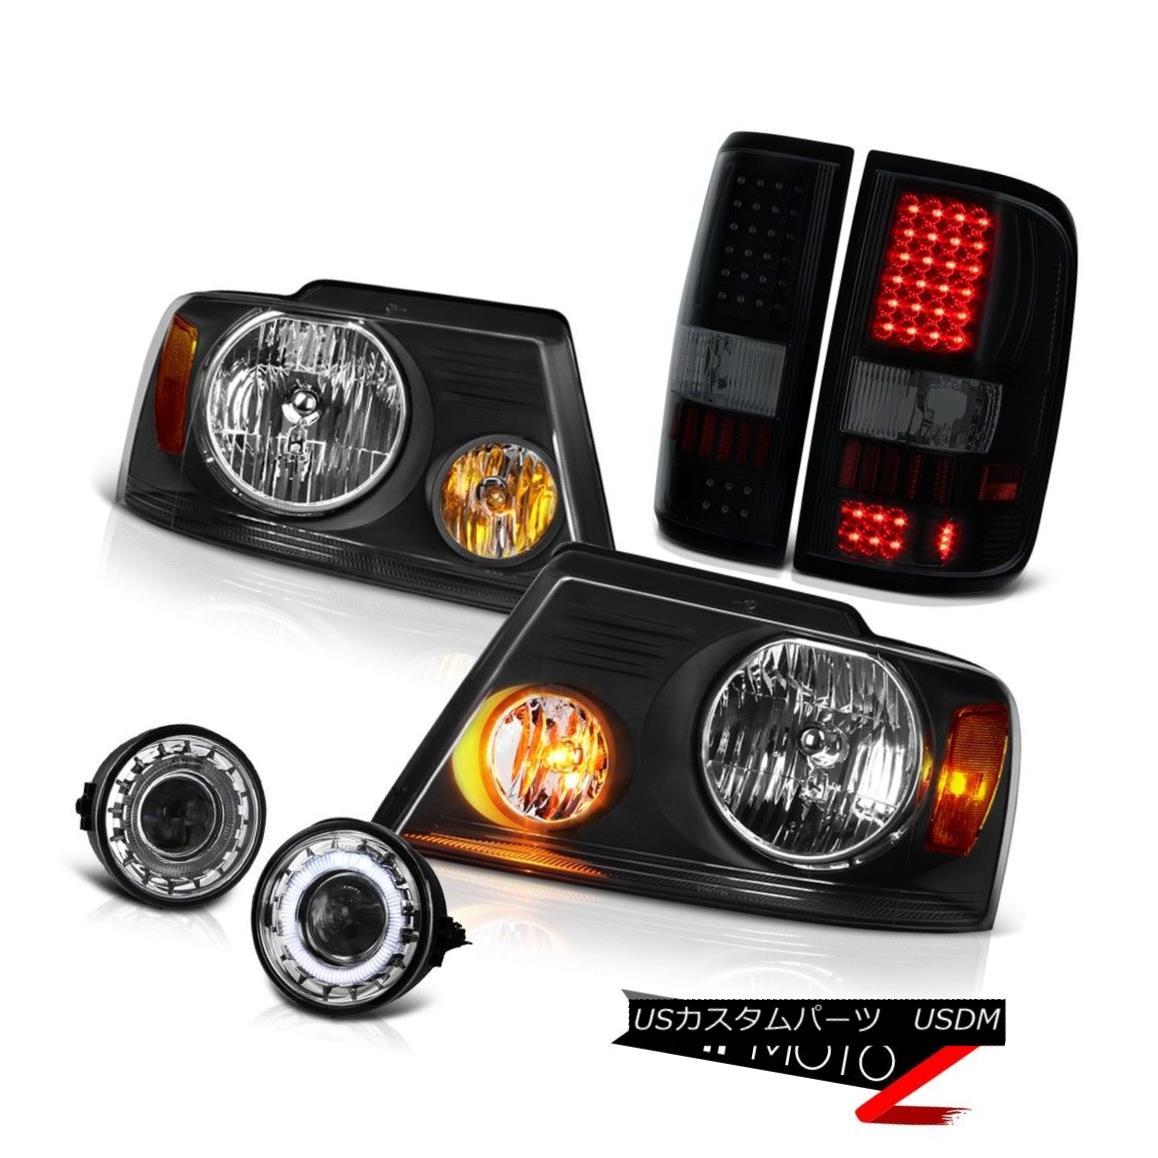 ヘッドライト 2006-2008 Ford F150 XL Chrome Fog Lamps Headlamps Rear Brake Lights Projector 2006-2008フォードF150 XLクロームフォグランプヘッドランプリアブレーキライトプロジェクター